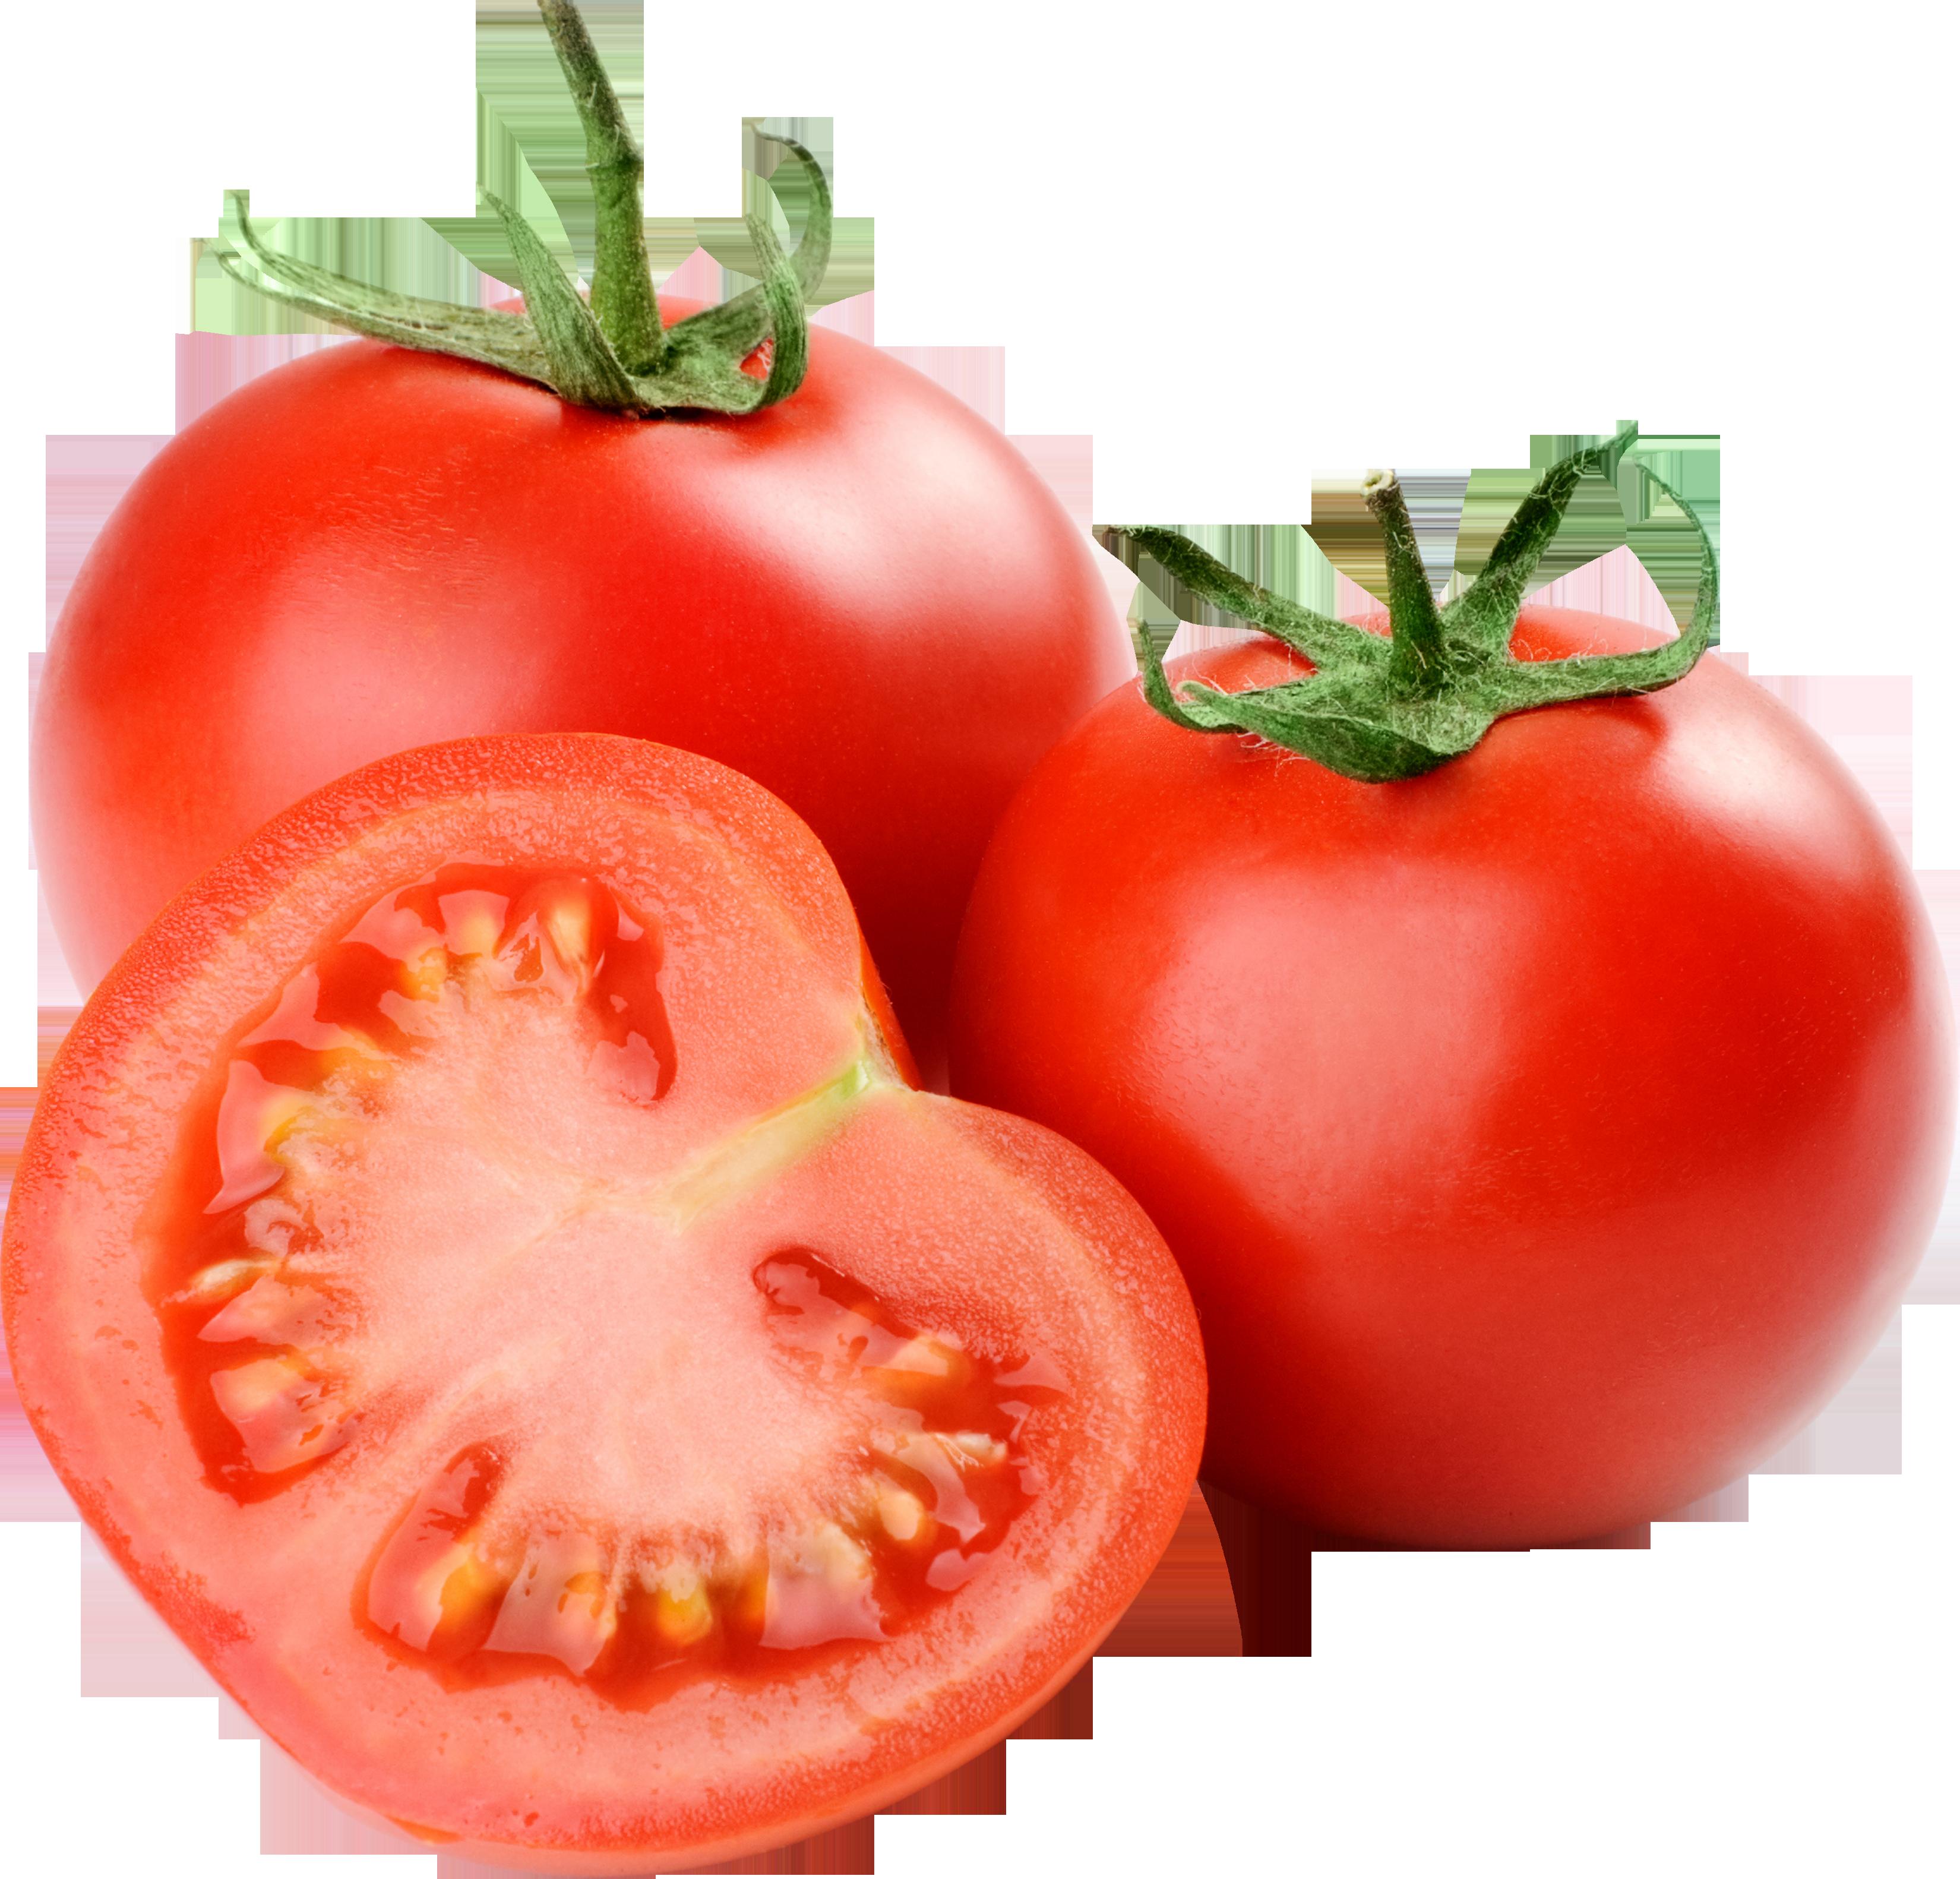 Два целых томата и половинка